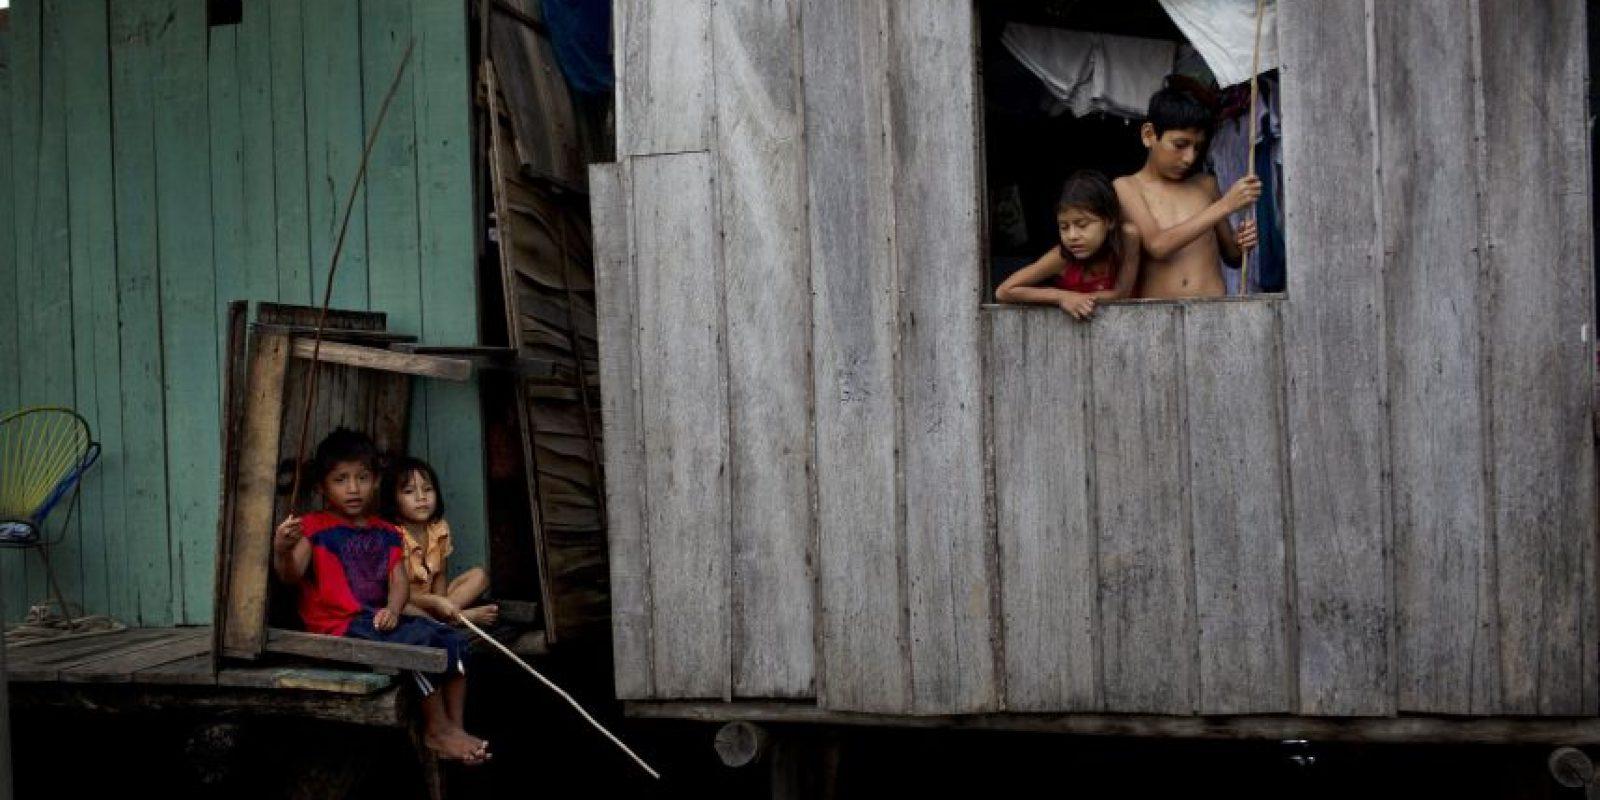 """En esta imagen del 19 de abril de 2015, niños pescanod desde sus casas, justo por encima del nivel del agua enBelén, una empobrecida comunidad peruana conocida como """"Venecia de la jungla"""" en Iquitos, Perú. Además de las casas, la comunidad cuenta con una iglesia católica y vairas evangélicas. También tiene burdeles, discotecas aserraderos y casinos. Foto:AP/ Rodrigo Abd"""